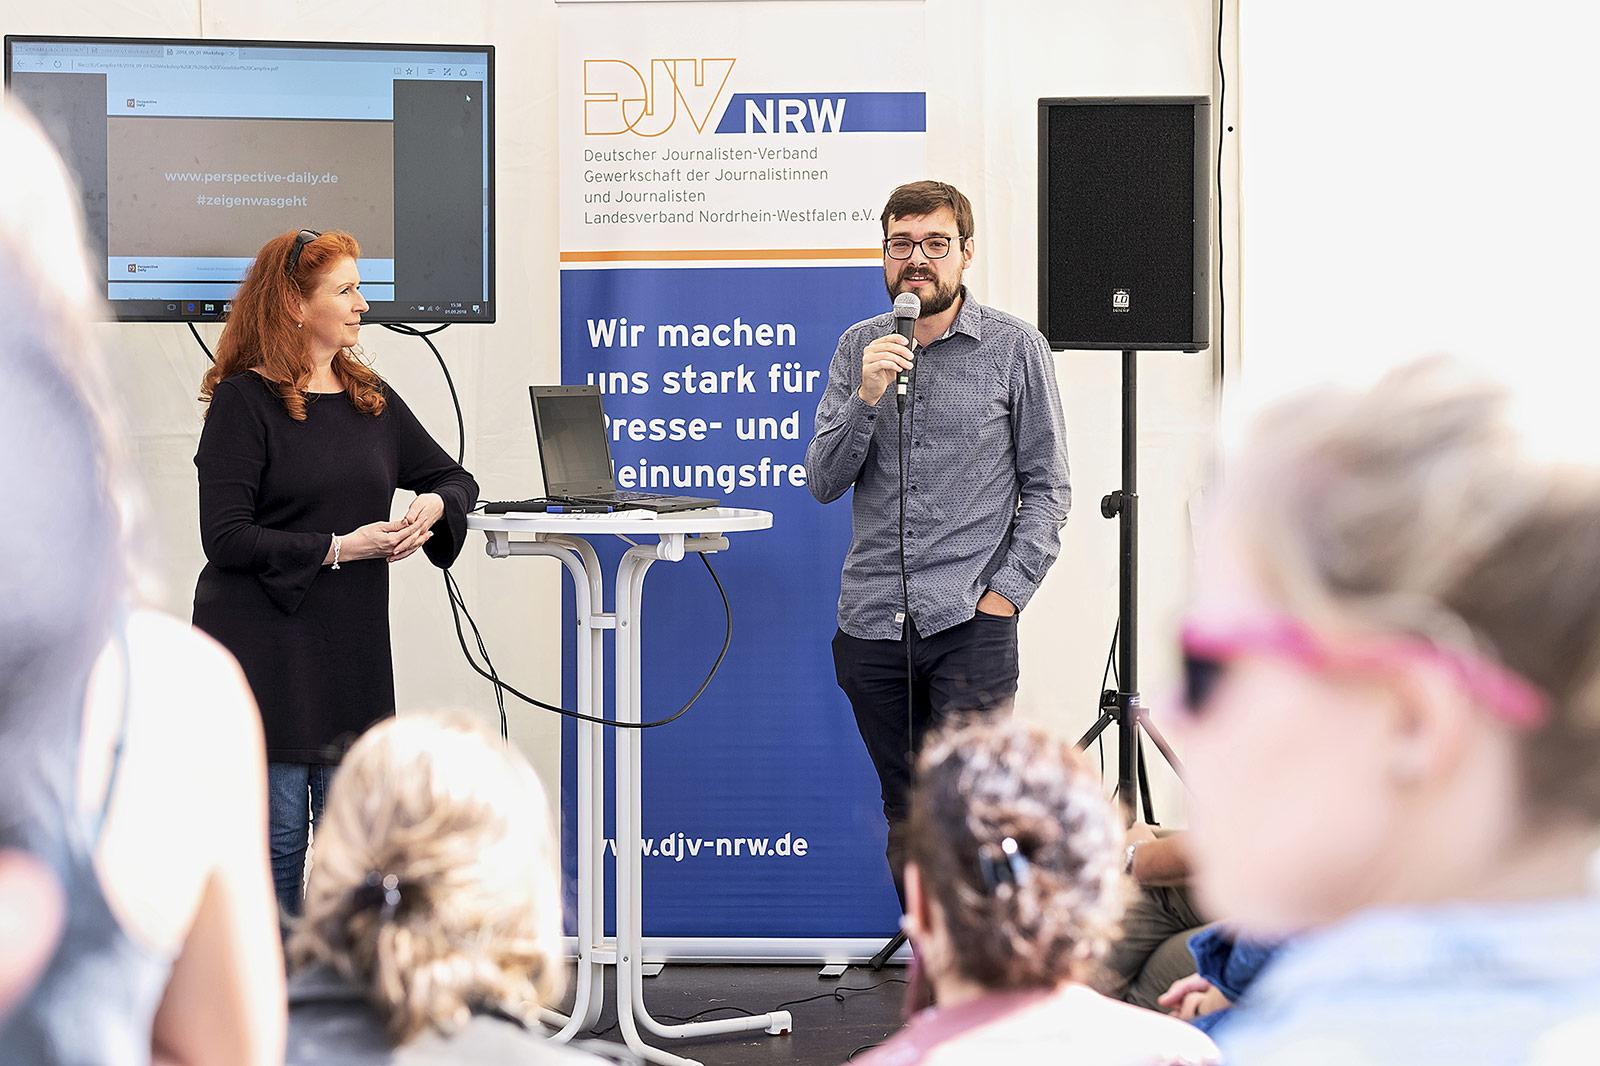 Unsere Annahmen über die Lage der Welt sind häufig zu negativ, zeigten Kerstin Timm-Peeterß und Daniel Ehl im Panel zum Konstruktiven Journalismus. | Foto: Alexander Schneider